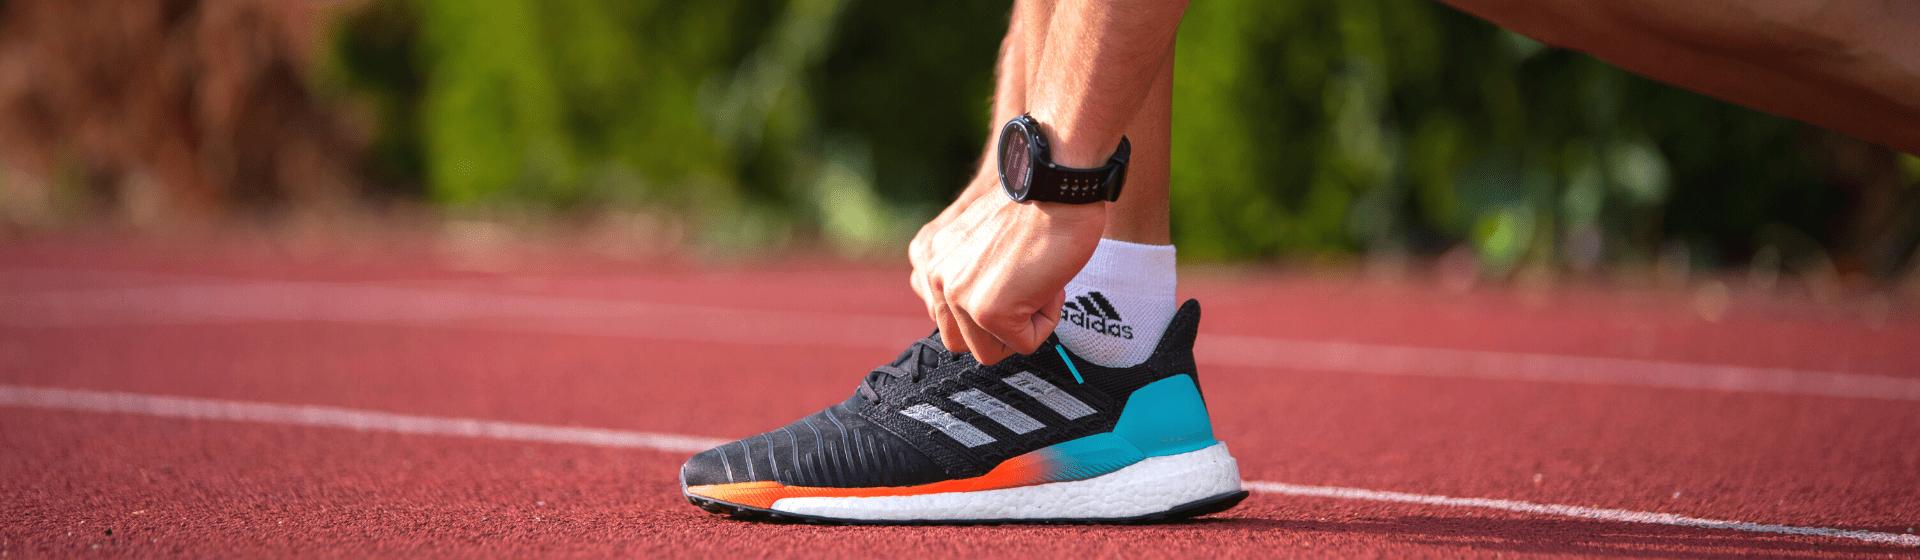 Tênis Adidas para corrida: 7 modelos para comprar em 2021